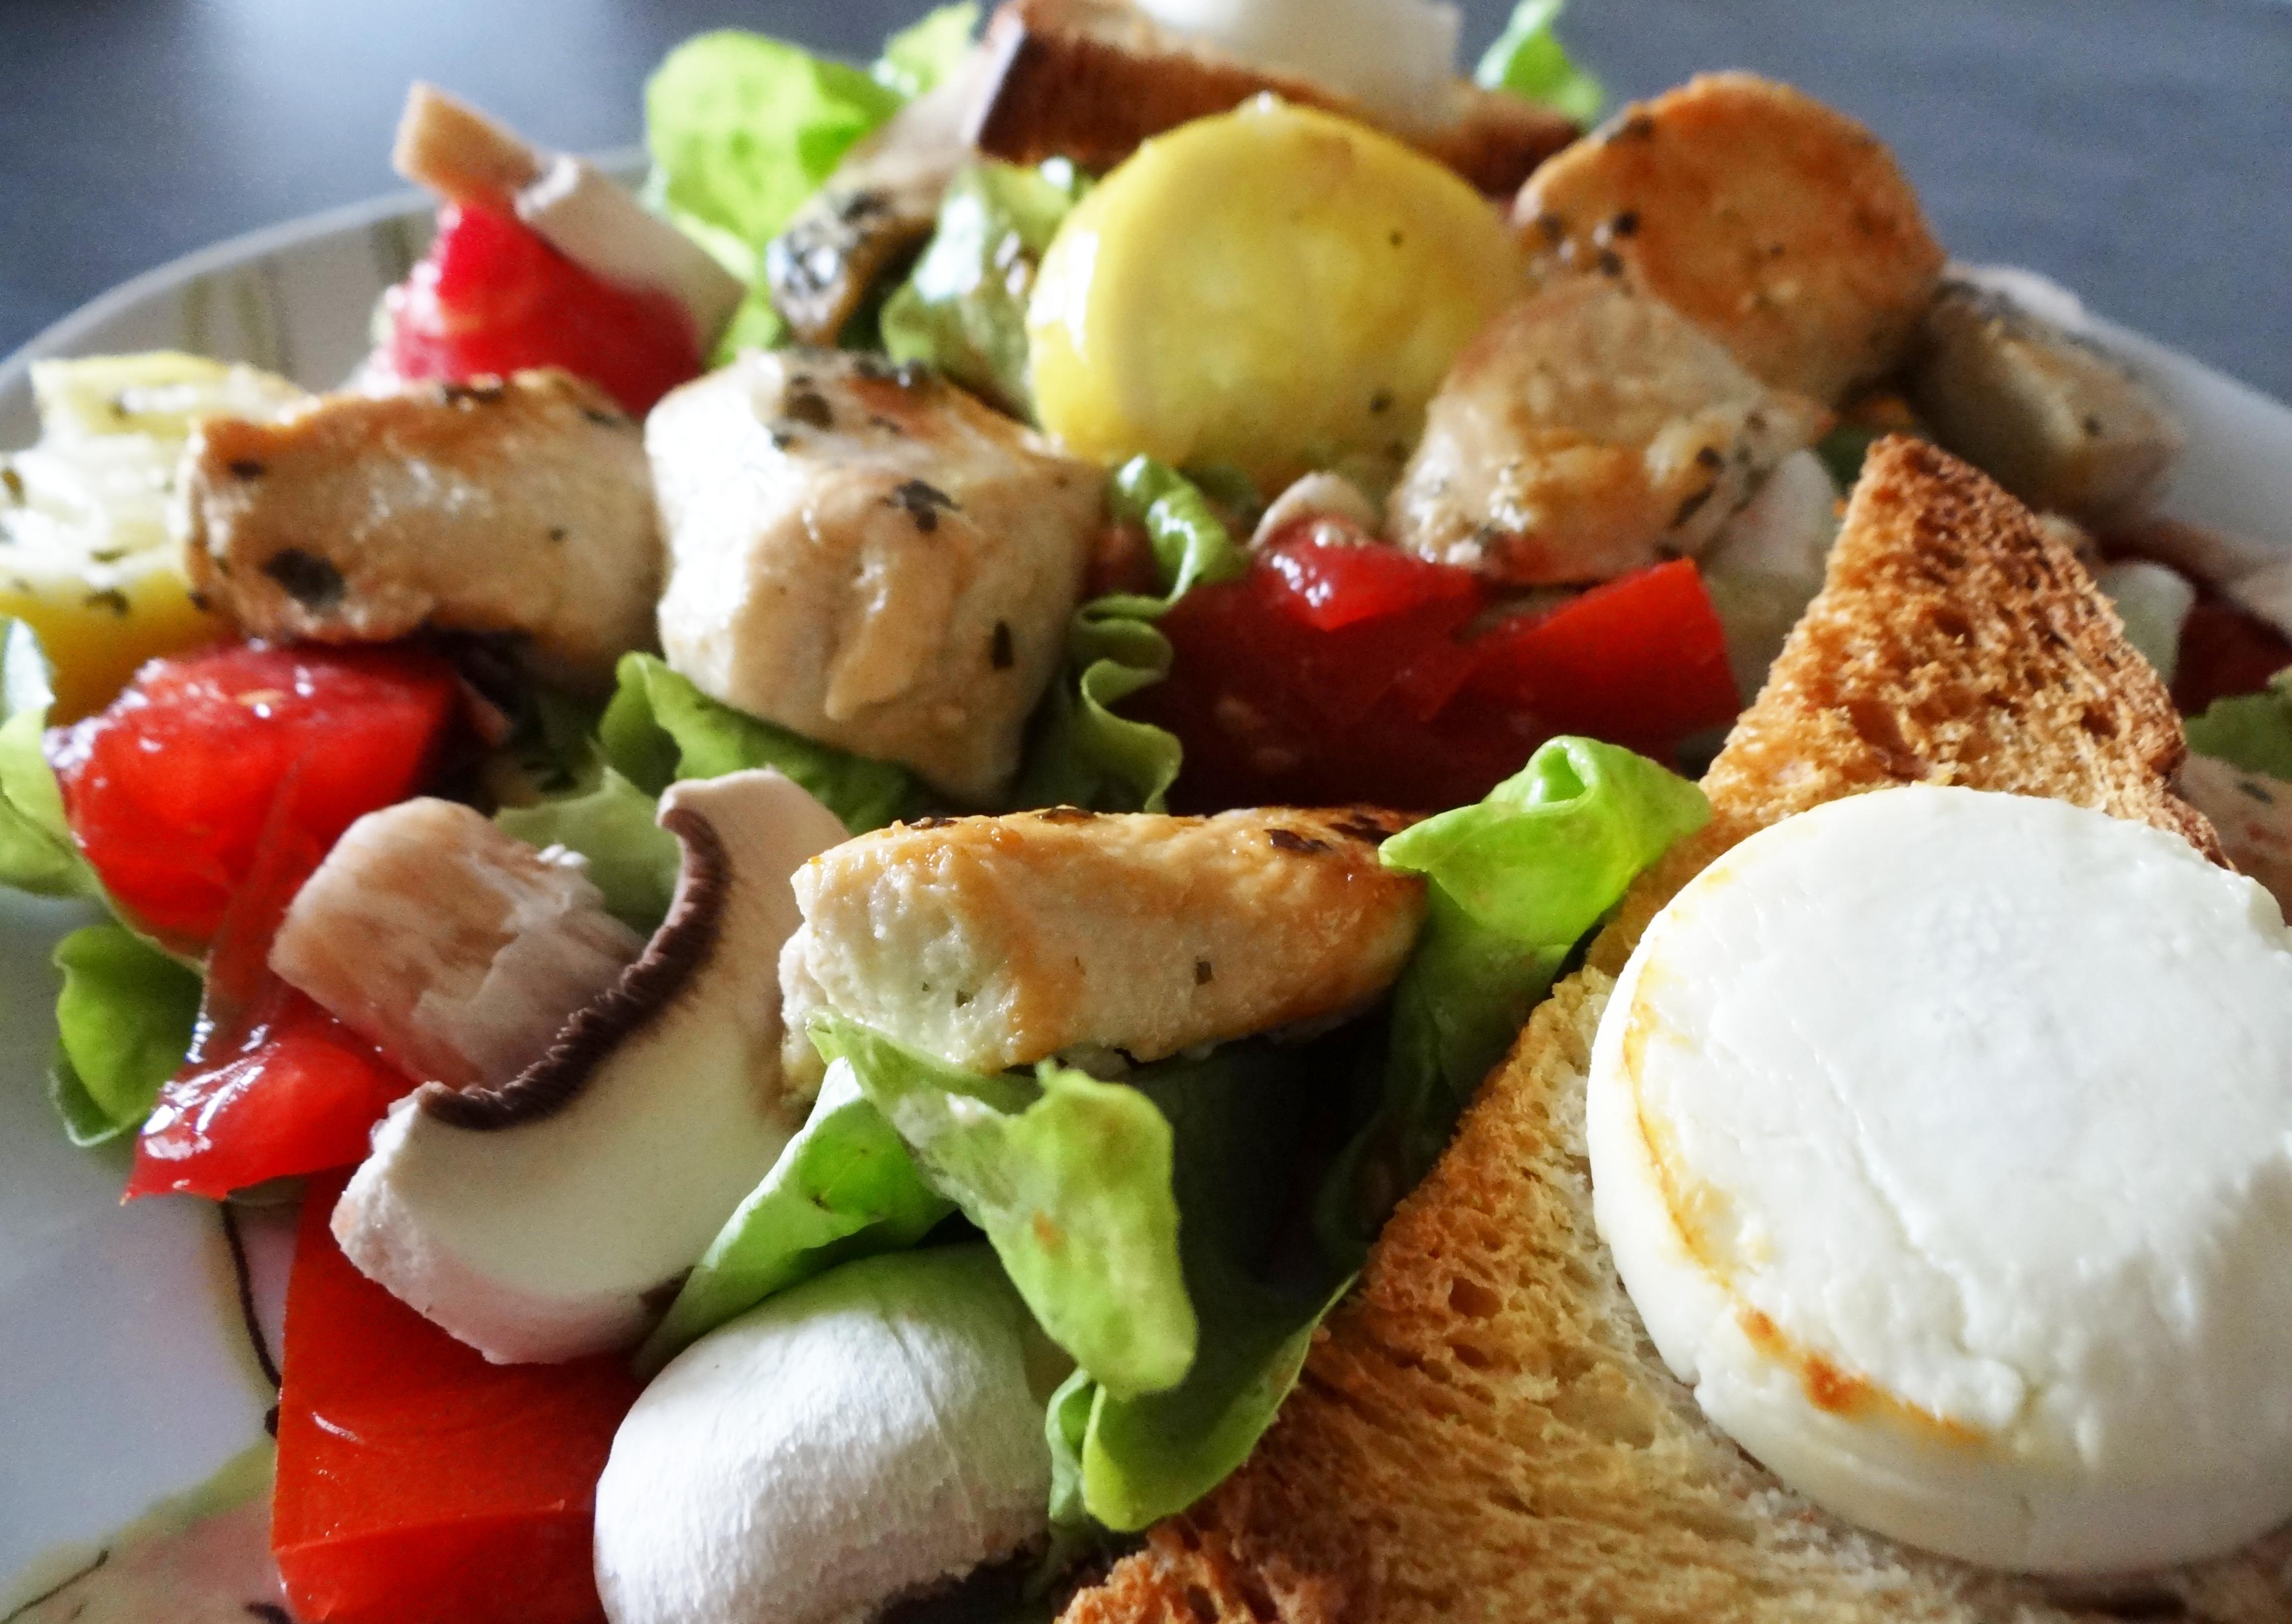 salade de poulet citron basilic toasts grill s au ch vre. Black Bedroom Furniture Sets. Home Design Ideas